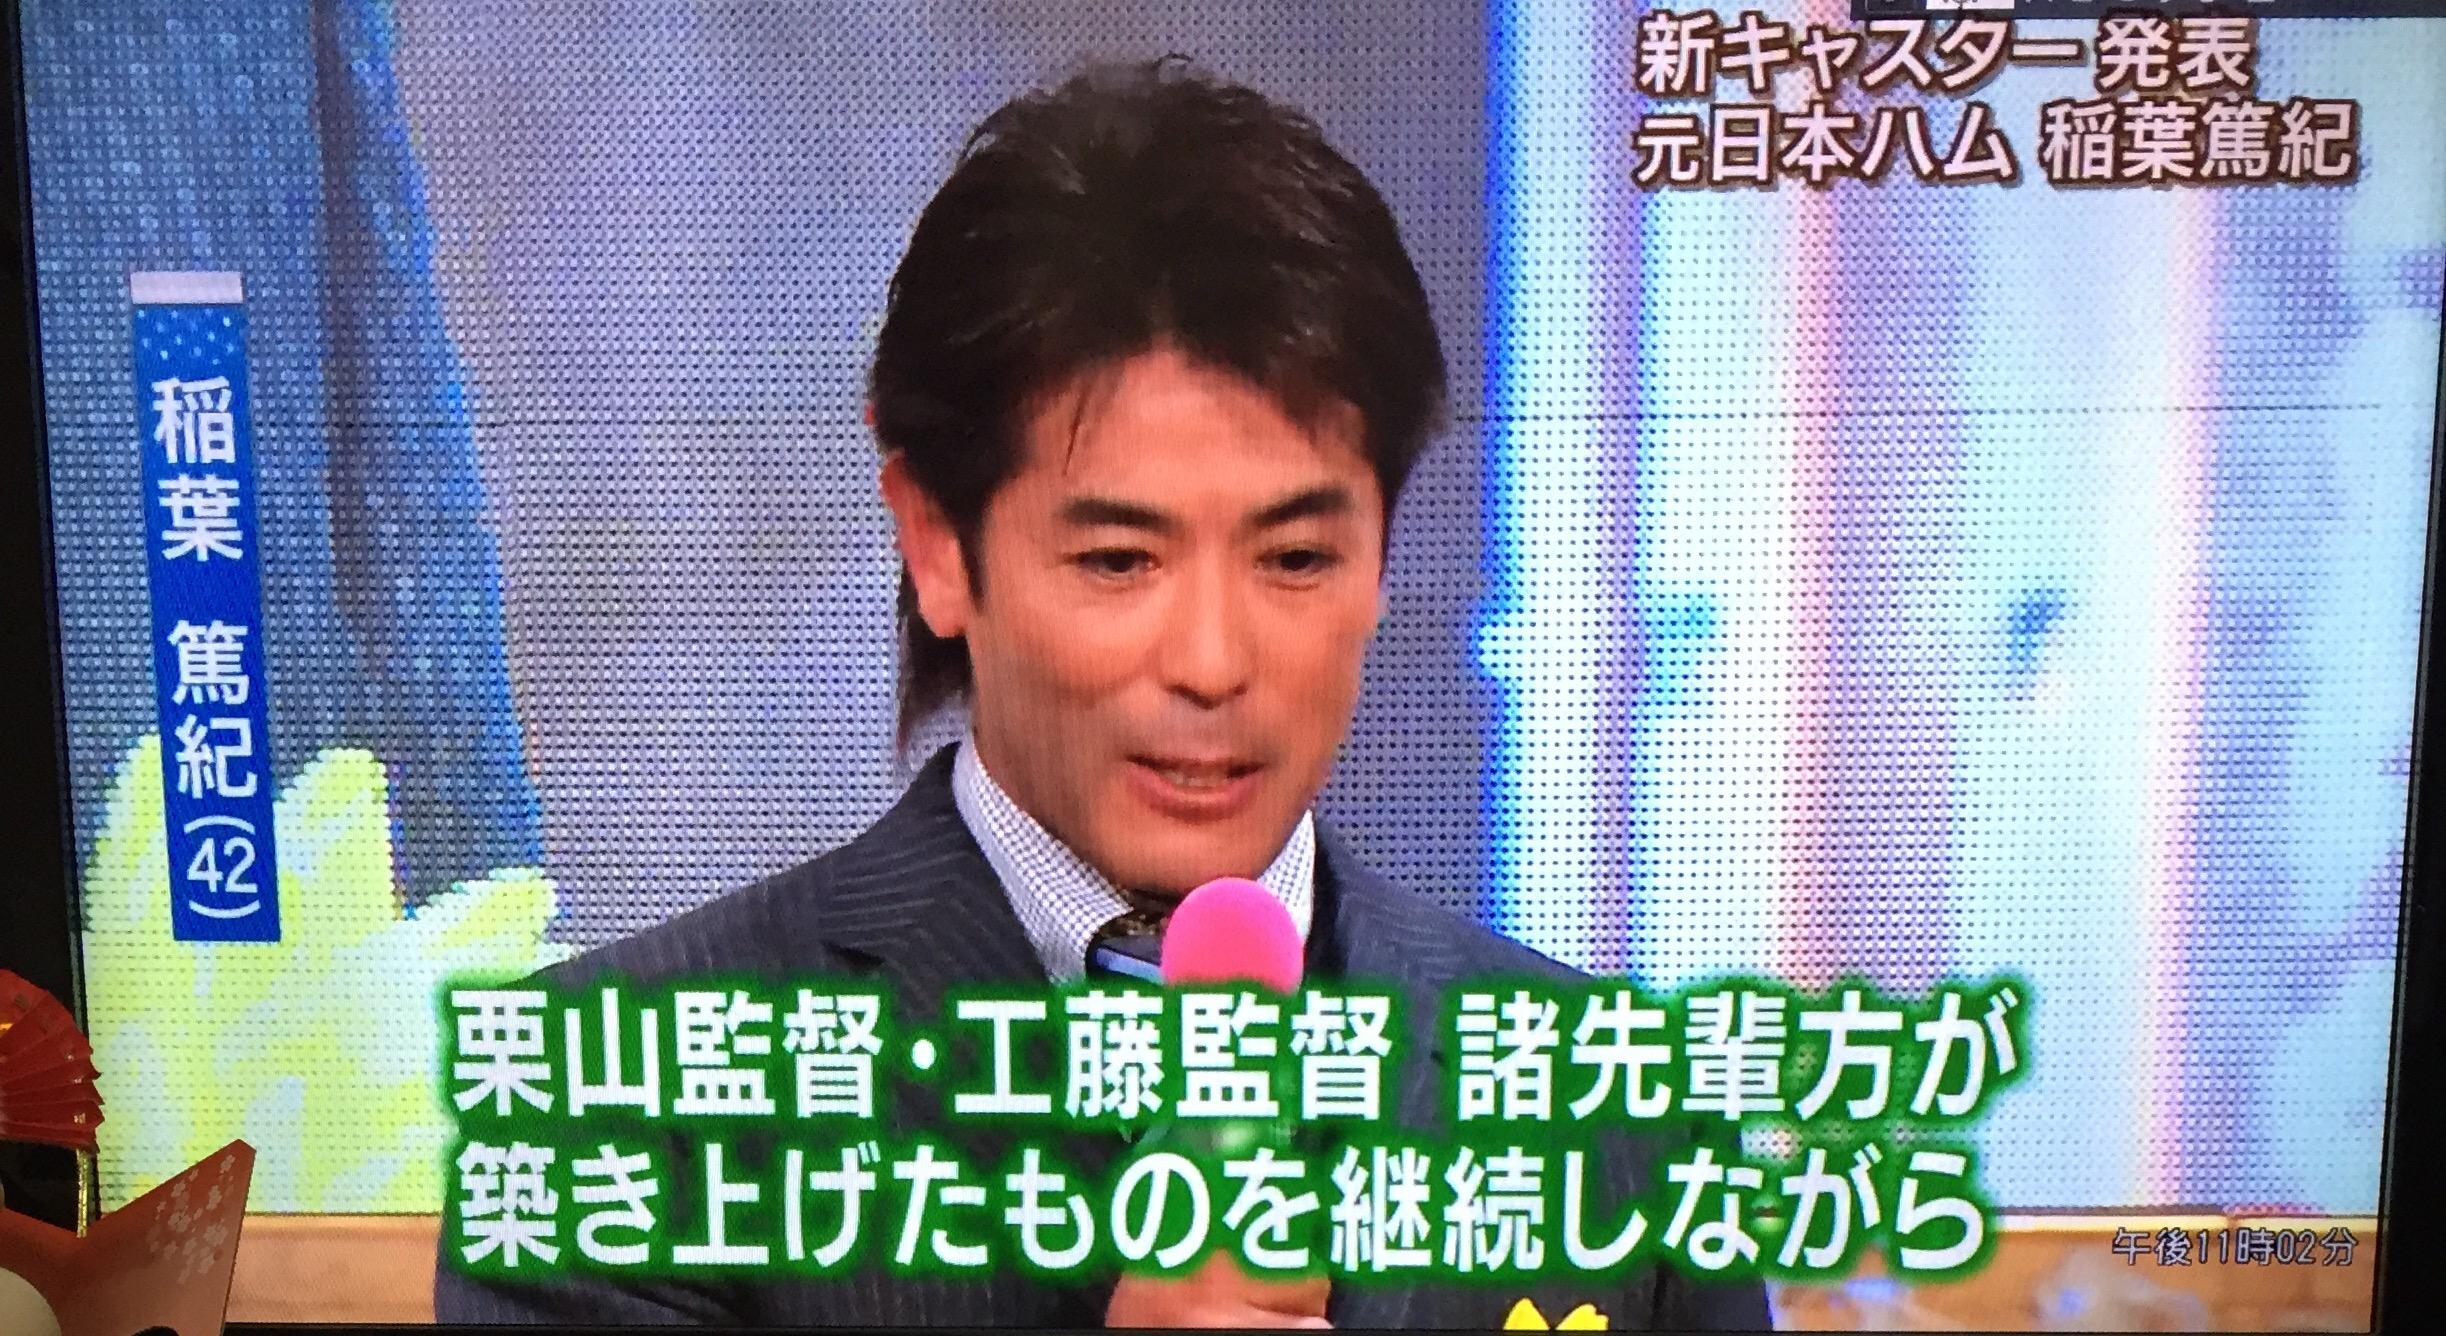 報道ステーションの新キャスター稲葉篤紀がホークスの開幕投手に松坂大輔を指名!?